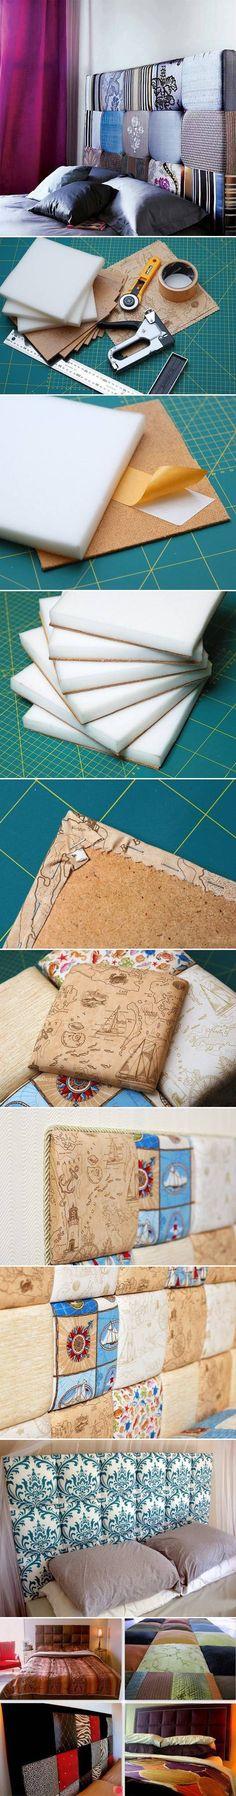 proyectos faciles para dar un toque diferente a tu dormitorio.